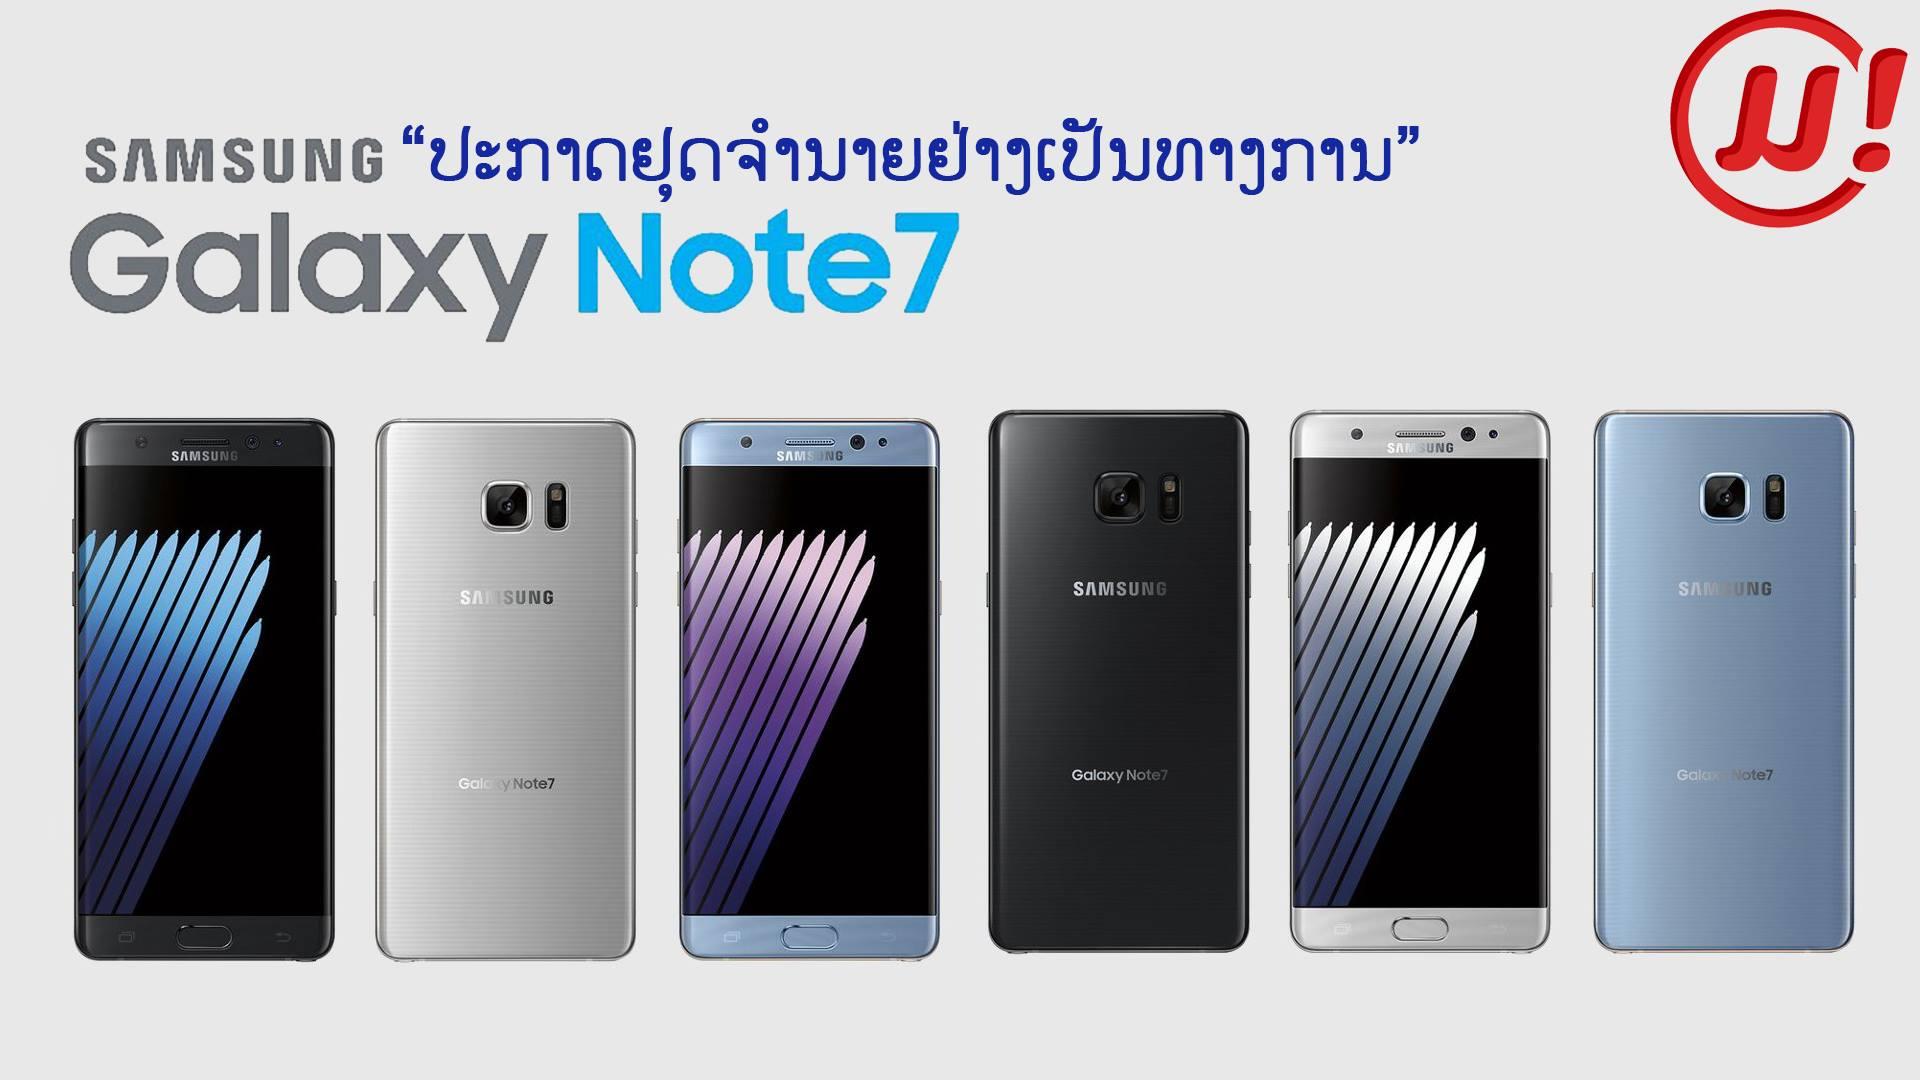 ປັນຫາຍັງບໍ່ໝົດ! Samsung ປະກາດຢຸດຂາຍພ້ອມຮຽກຄືນຢ່າງຖາວອນ Galaxy Note 7 ທັງເກົ່າແລະໃຫມ່